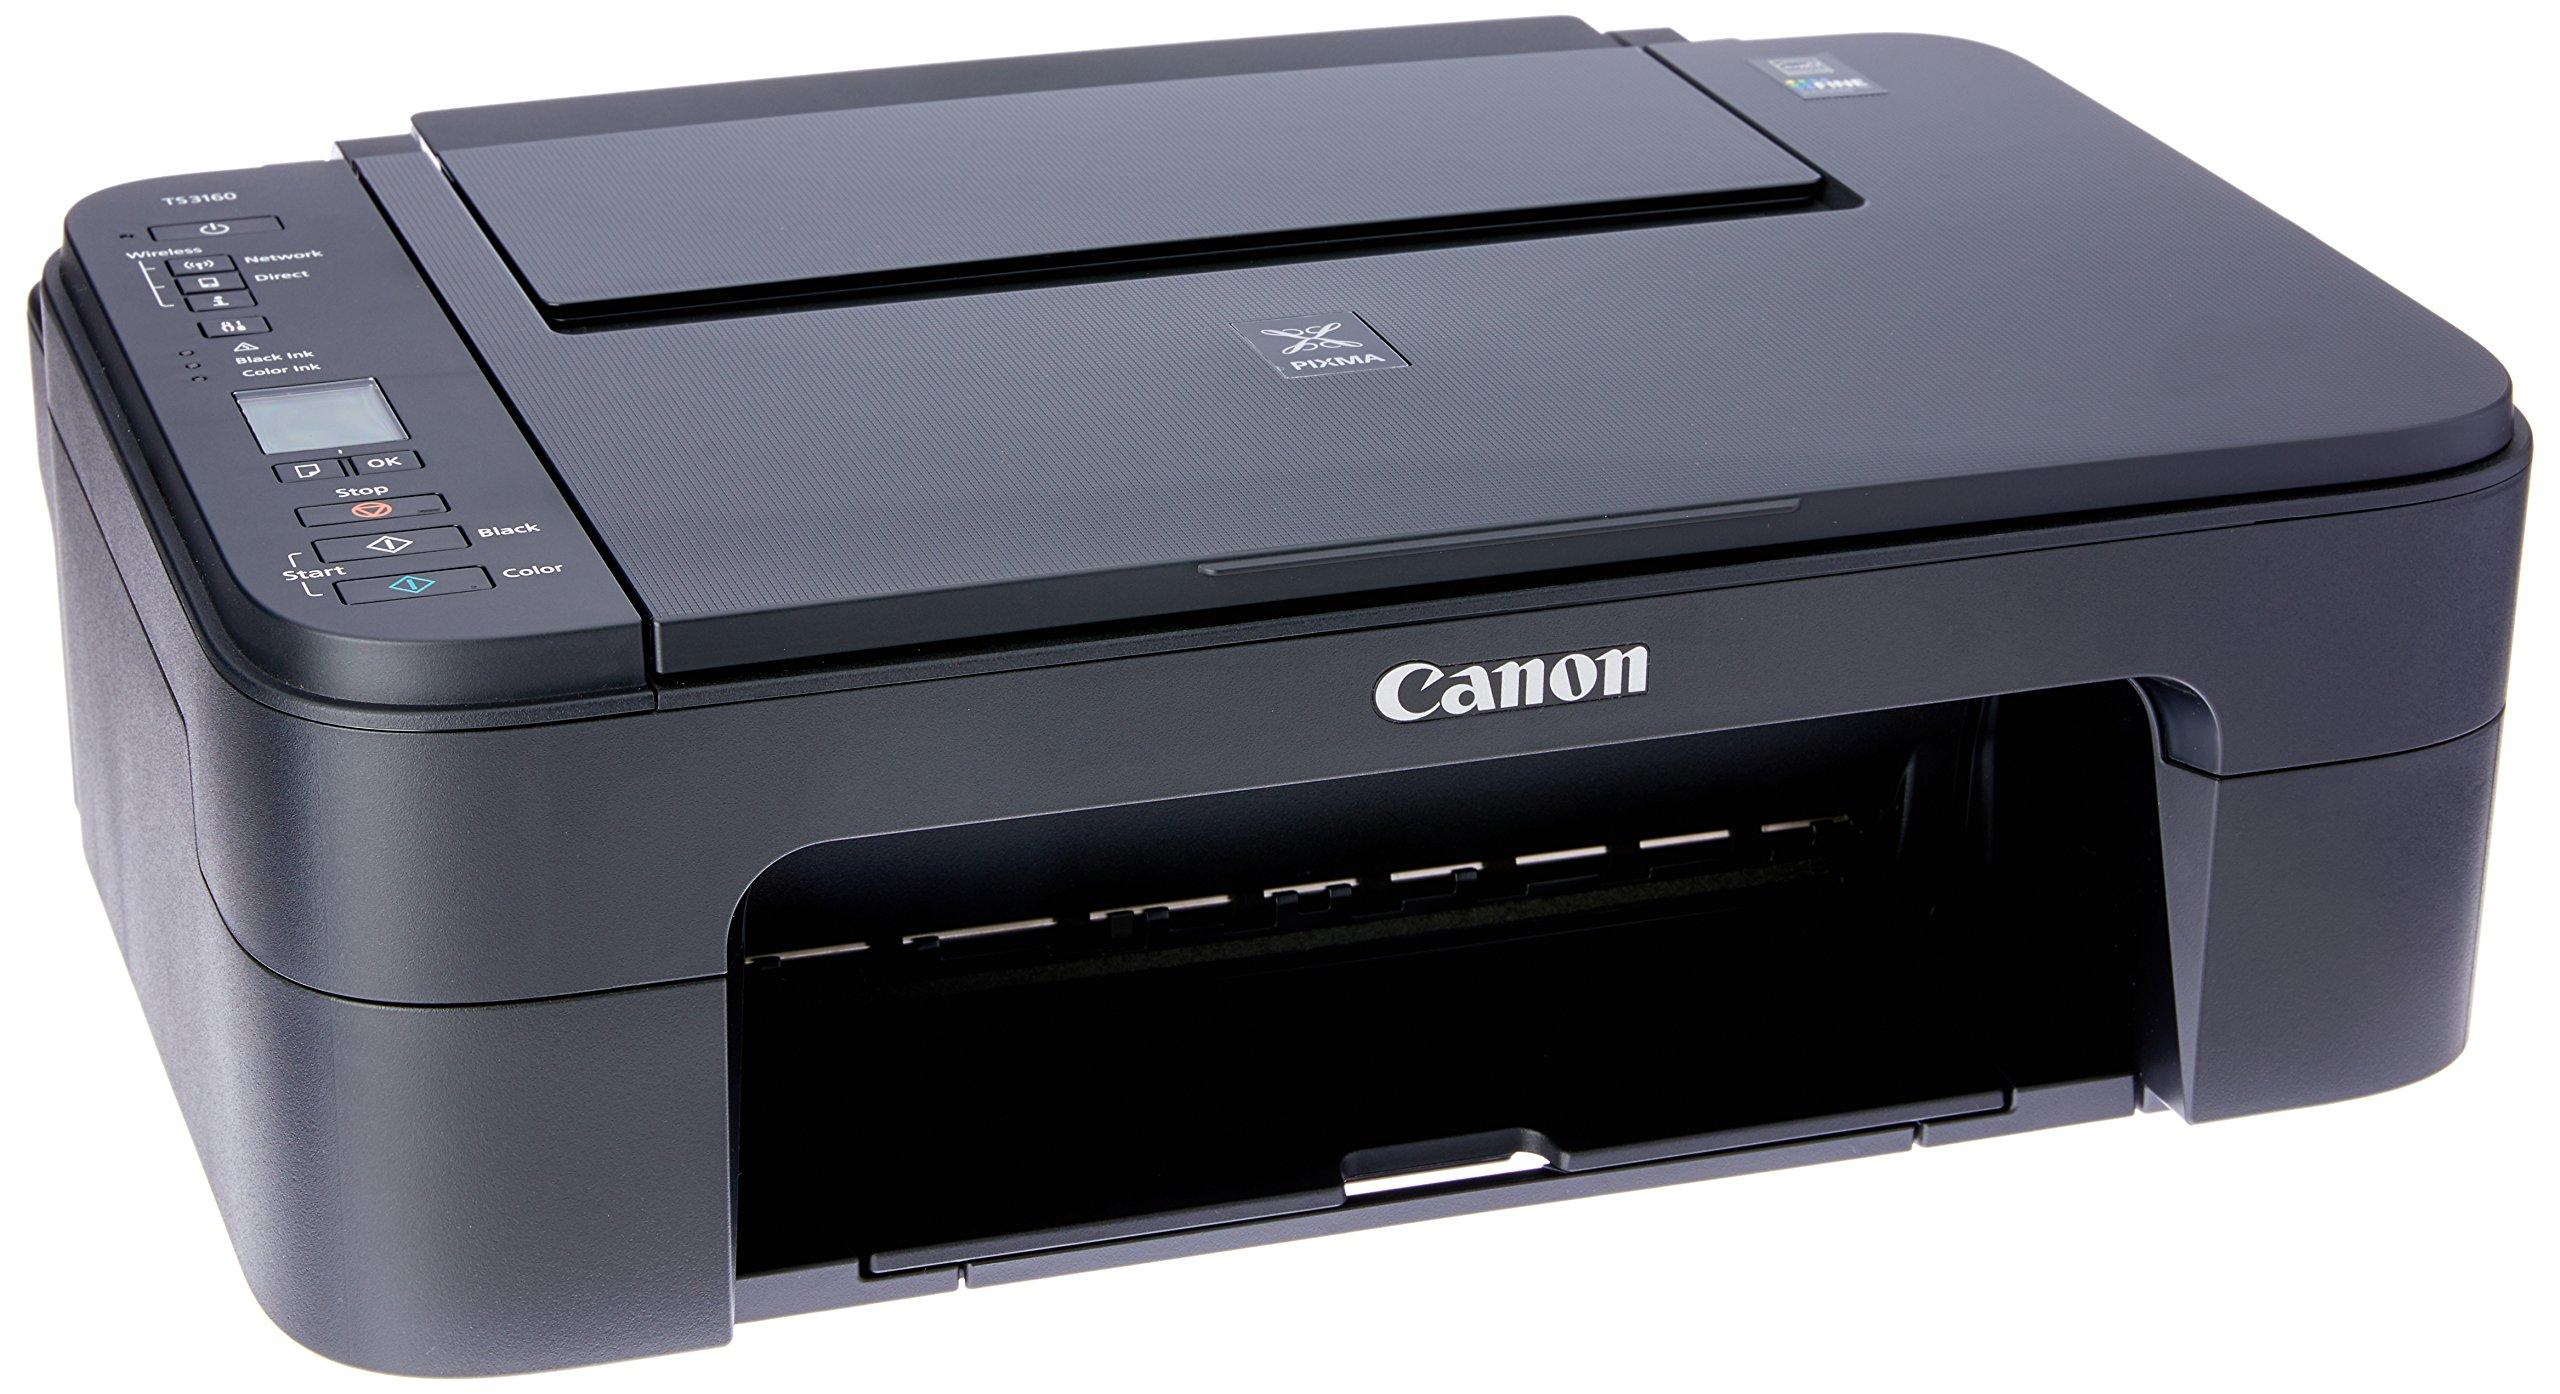 Canon Multi Function Home Printer PIXMA, Black (TS3160) 1